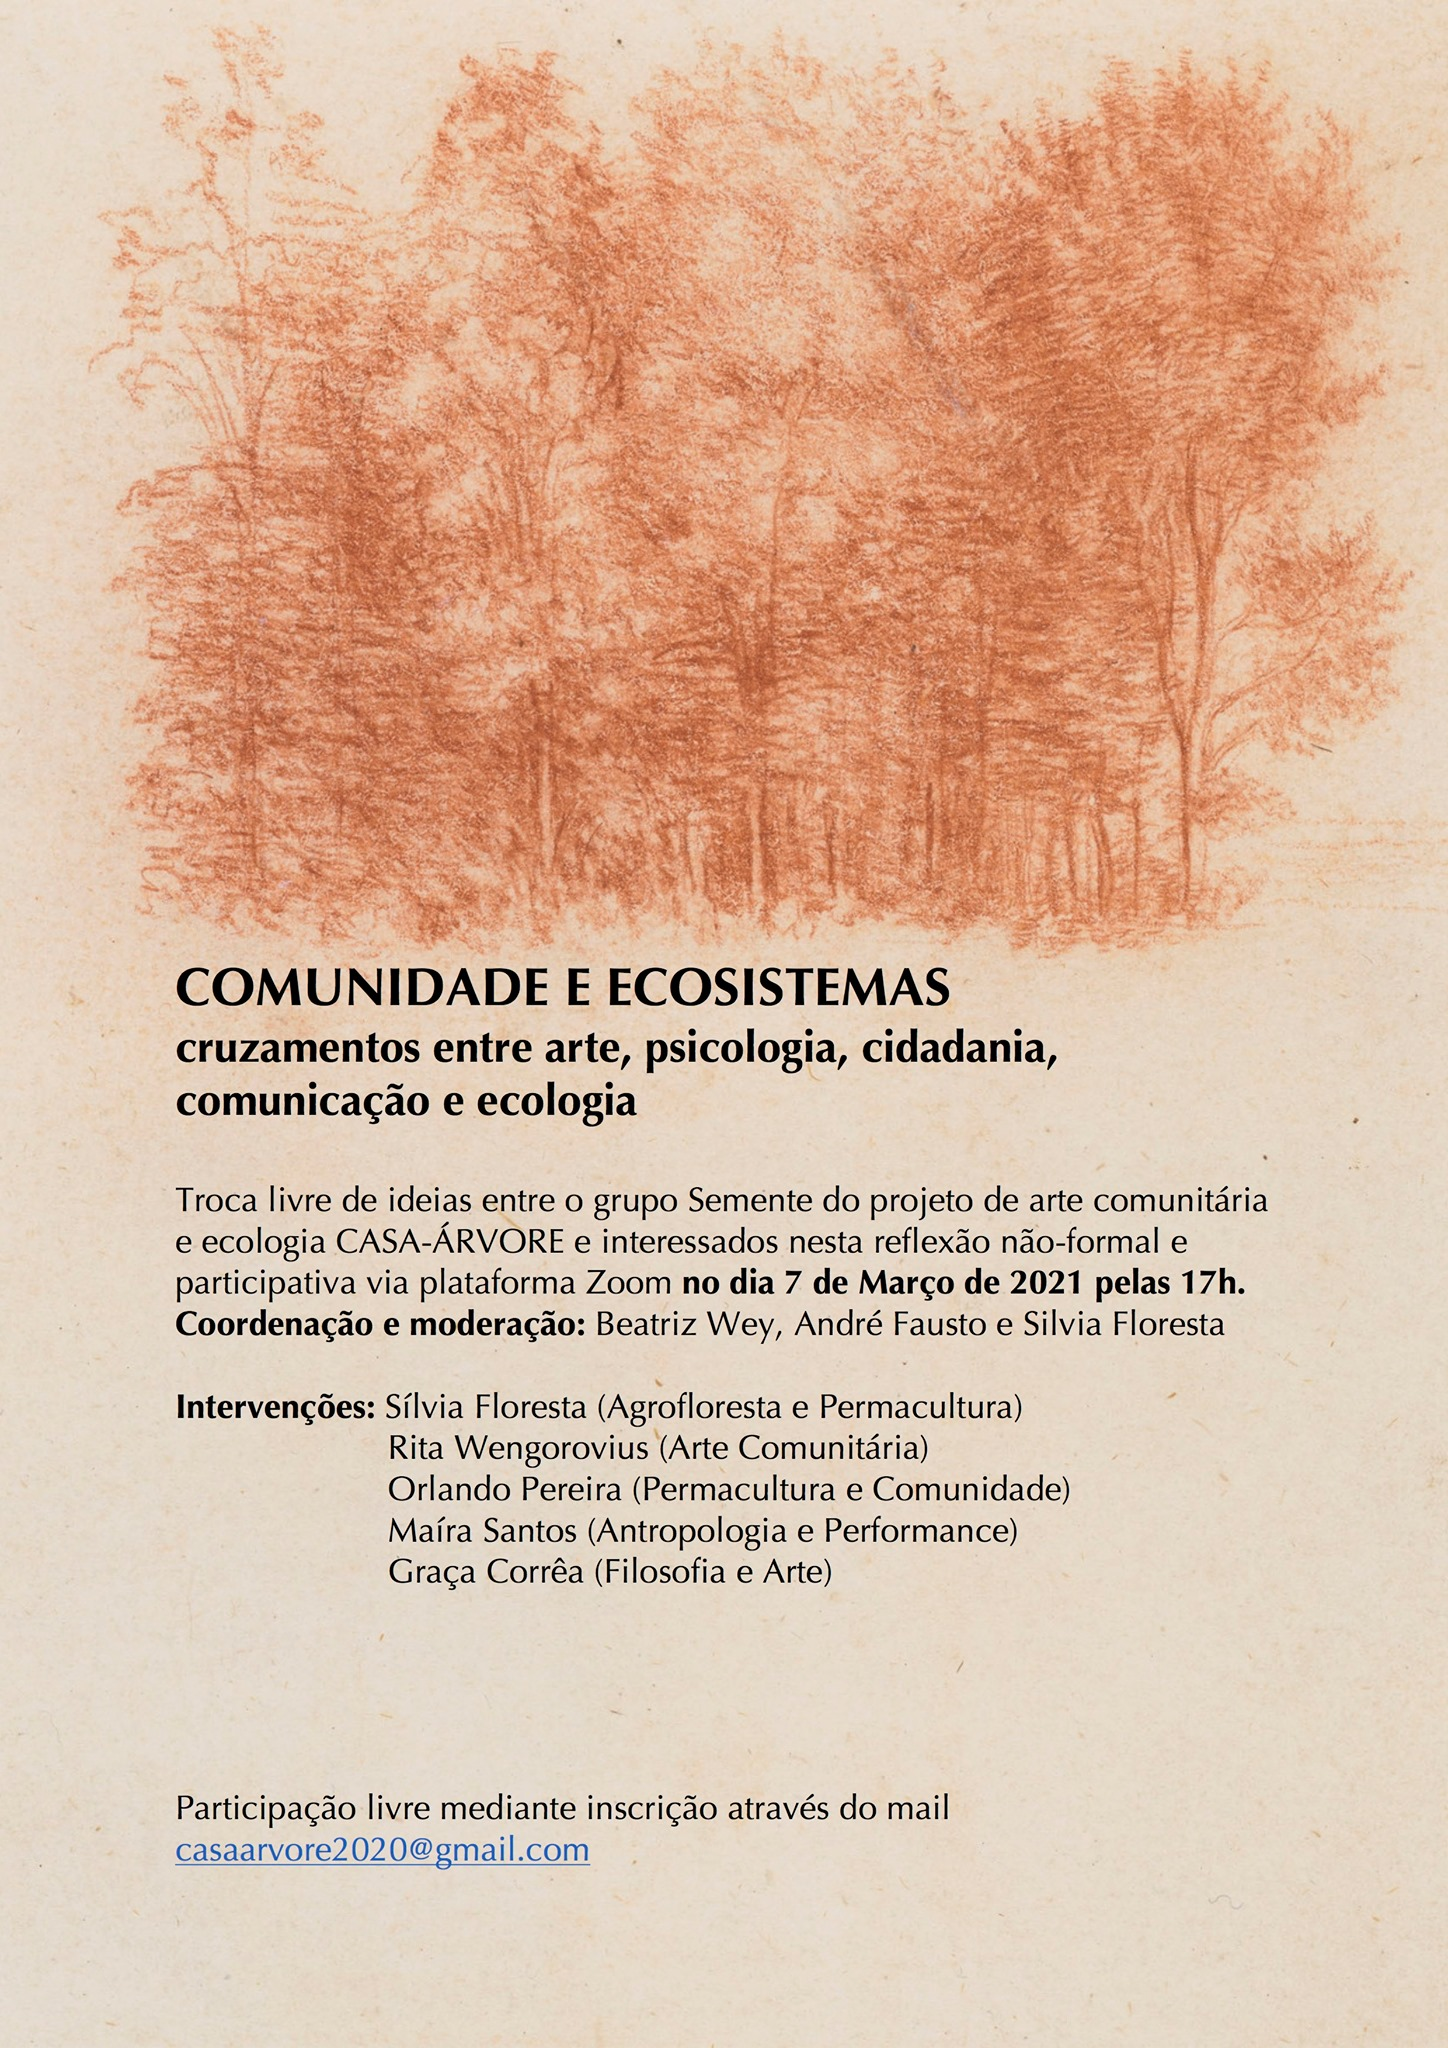 COMUNIDADE E ECOSISTEMAS